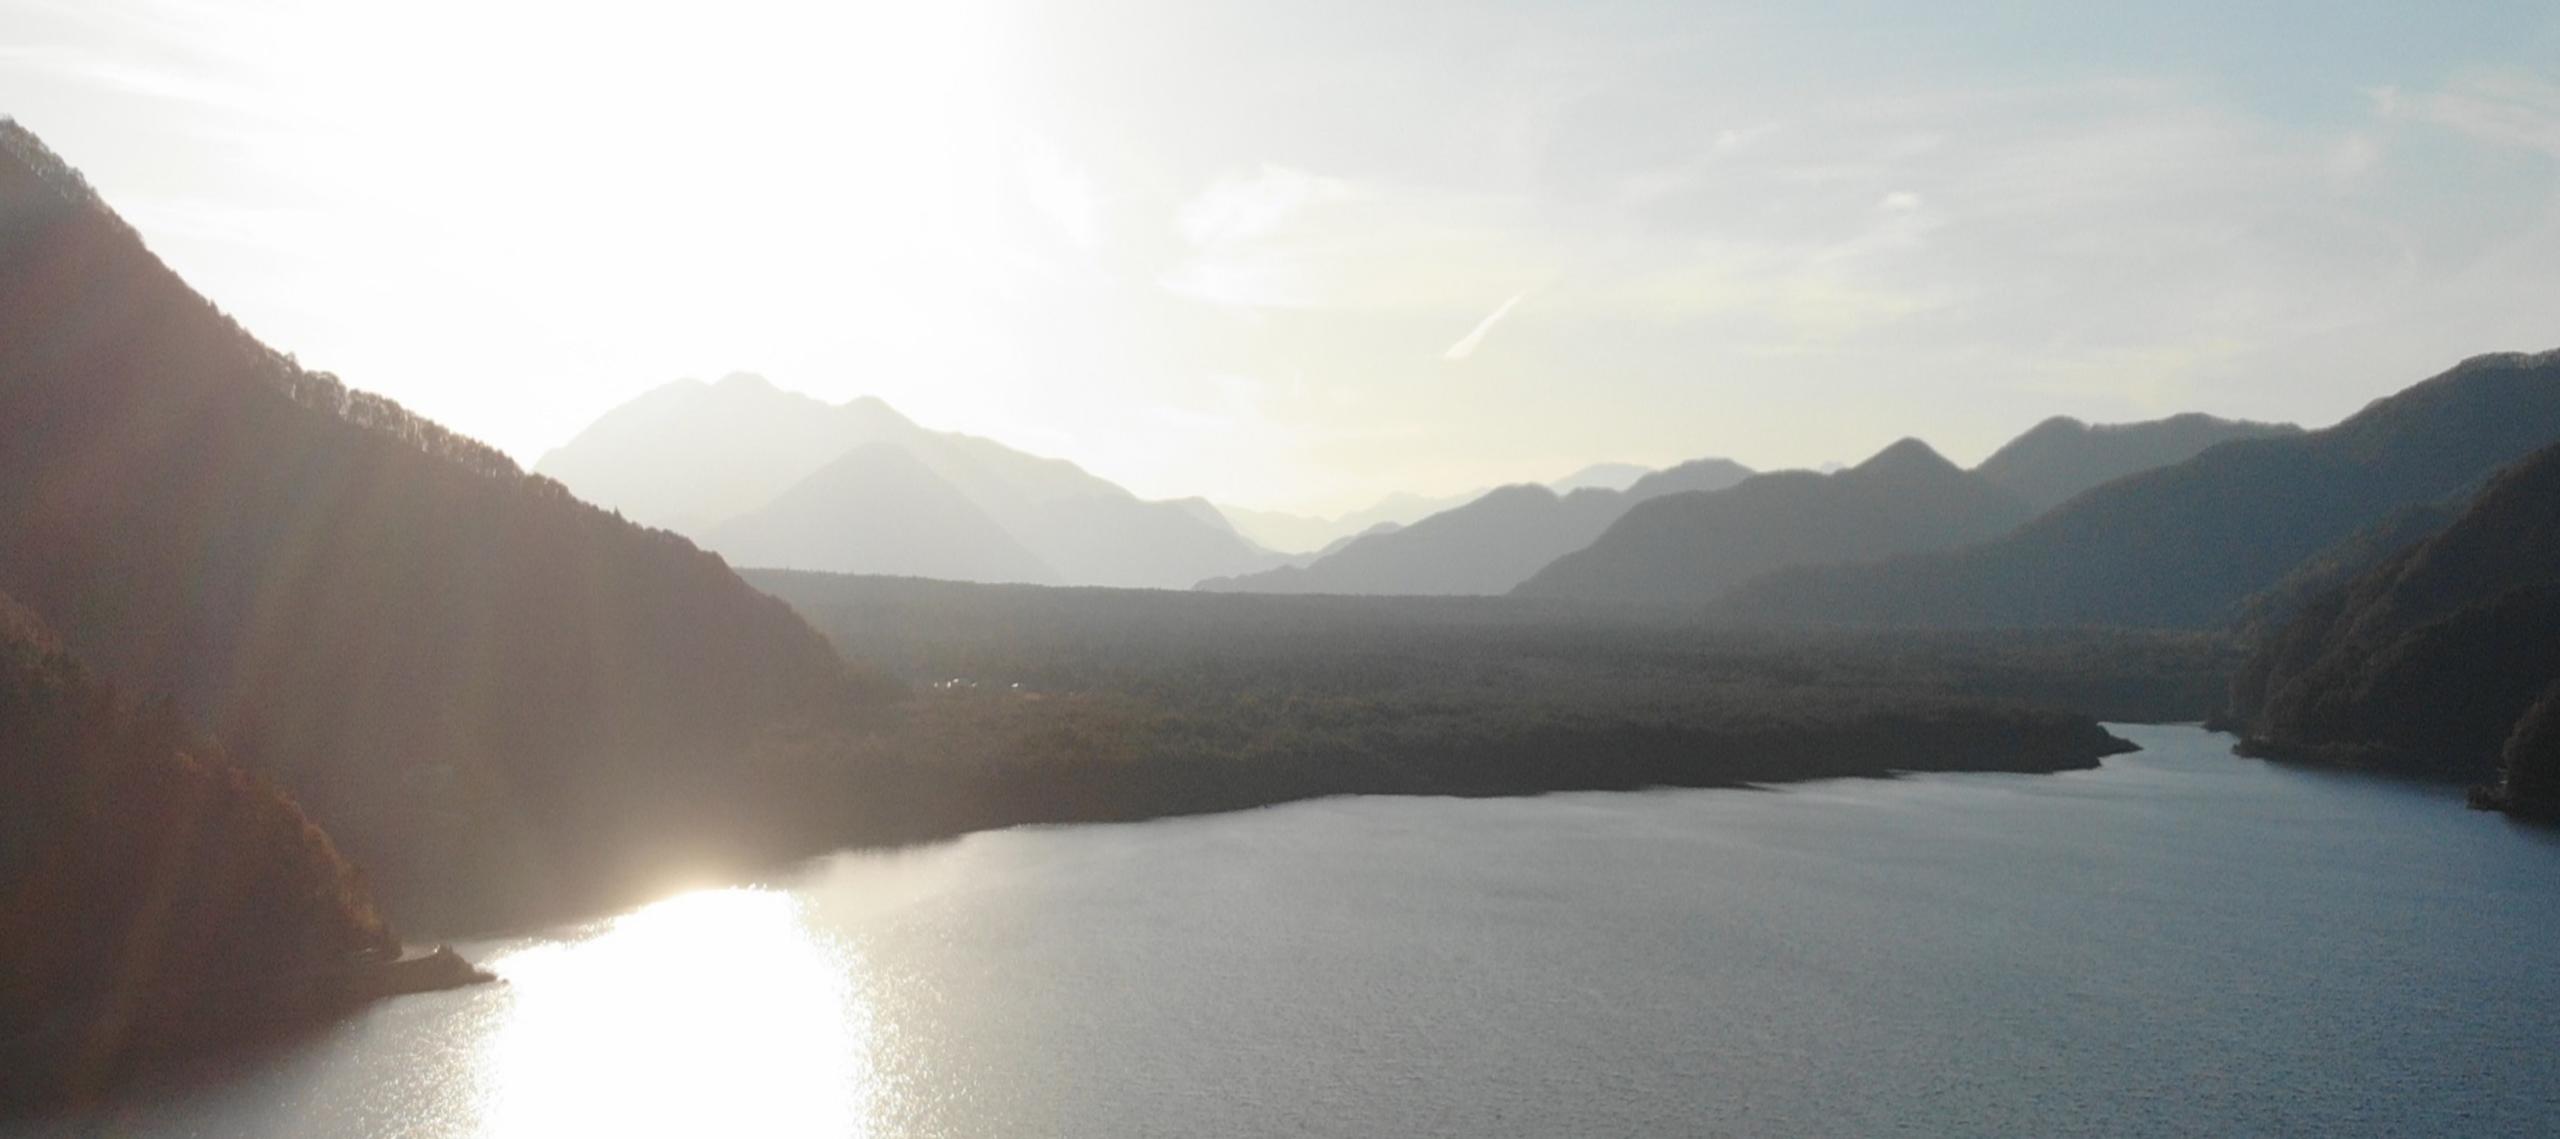 図10 西湖空撮映像(高度約80m)